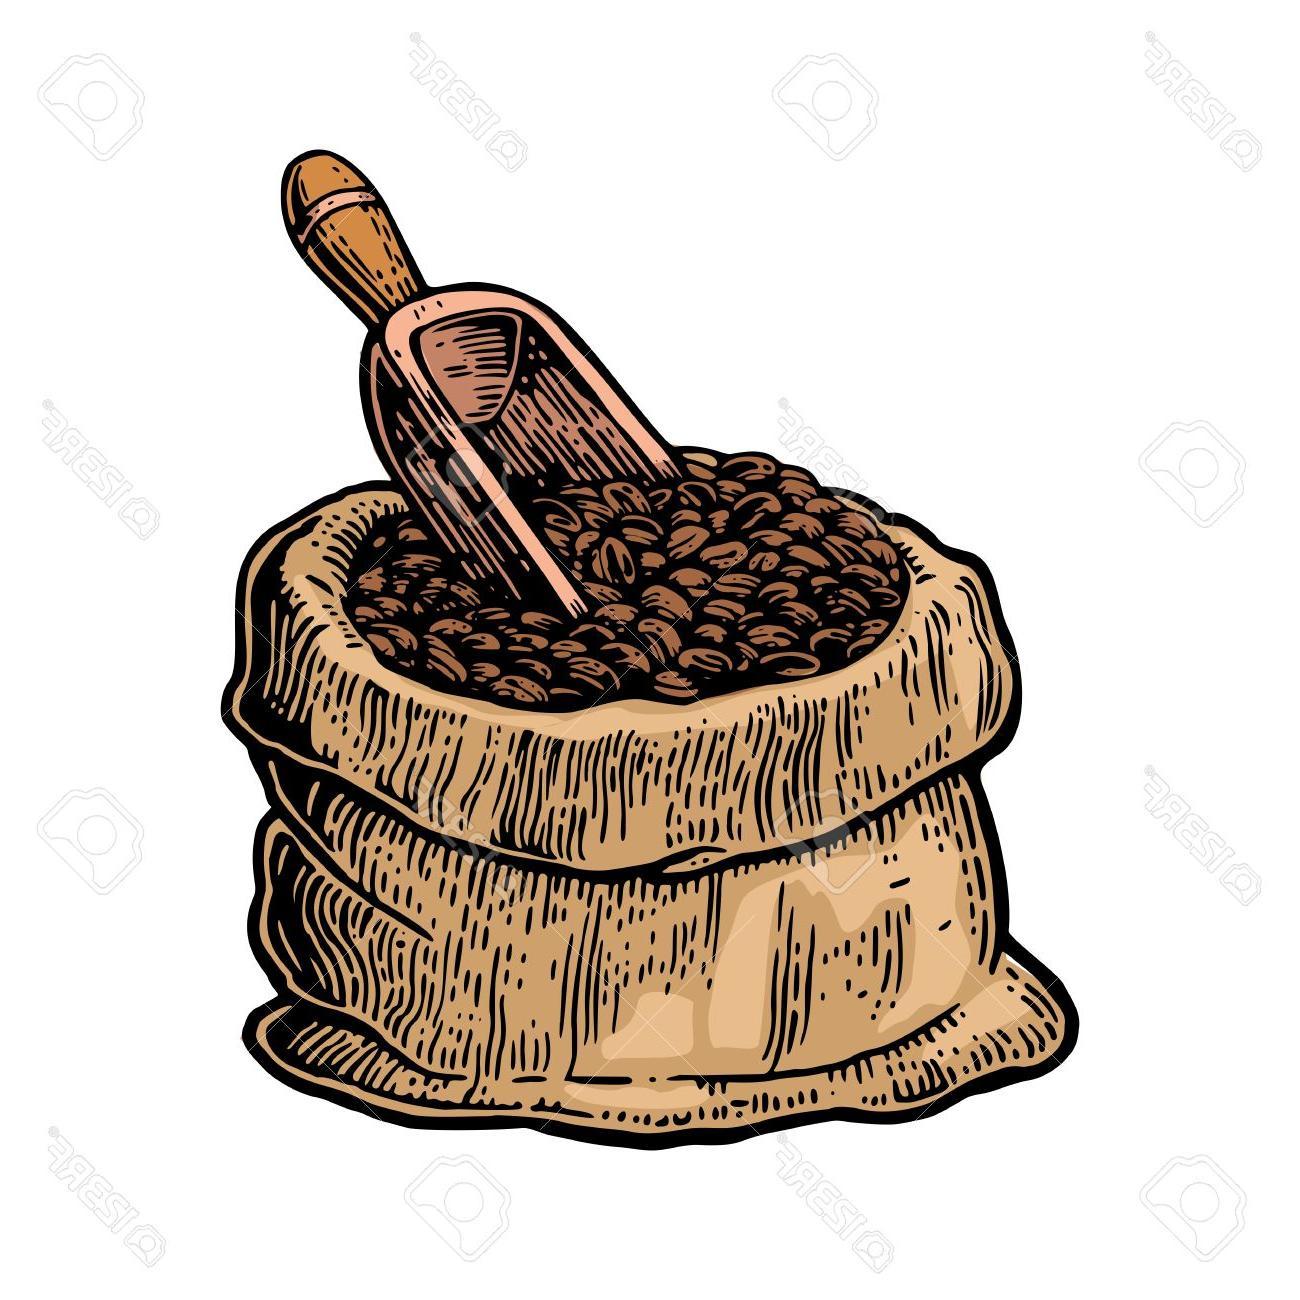 Best Free Coffee Bean Clip Art Shovel Photos » Free Vector Art.